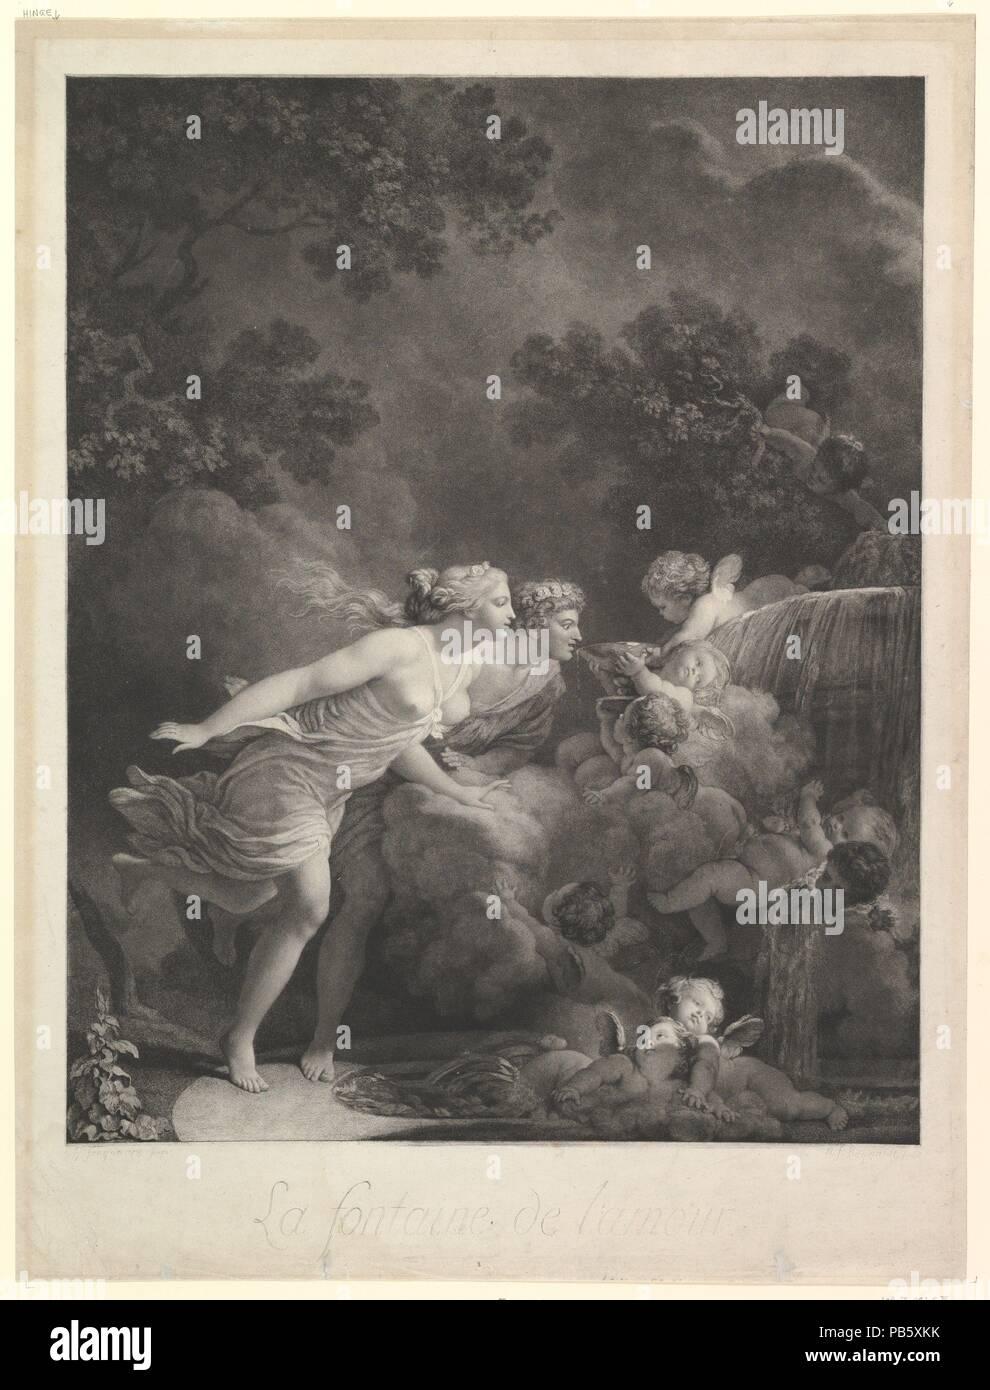 La fontaine d'amour. Artiste: Après Jean Honoré Fragonard (Grasse, France 1732-1806 Paris). Fiche technique: Dimensions: 24 x 19 15/16 in. (63,4 x 48,3 cm) de droit: 23 x 16 7/16 15/16 in. (59,5 x 43,1 cm). Graveur: gravée par Nicolas François Regnault (français, Paris 1746-1810). Date: 1785. Musée: Metropolitan Museum of Art, New York, USA. Banque D'Images